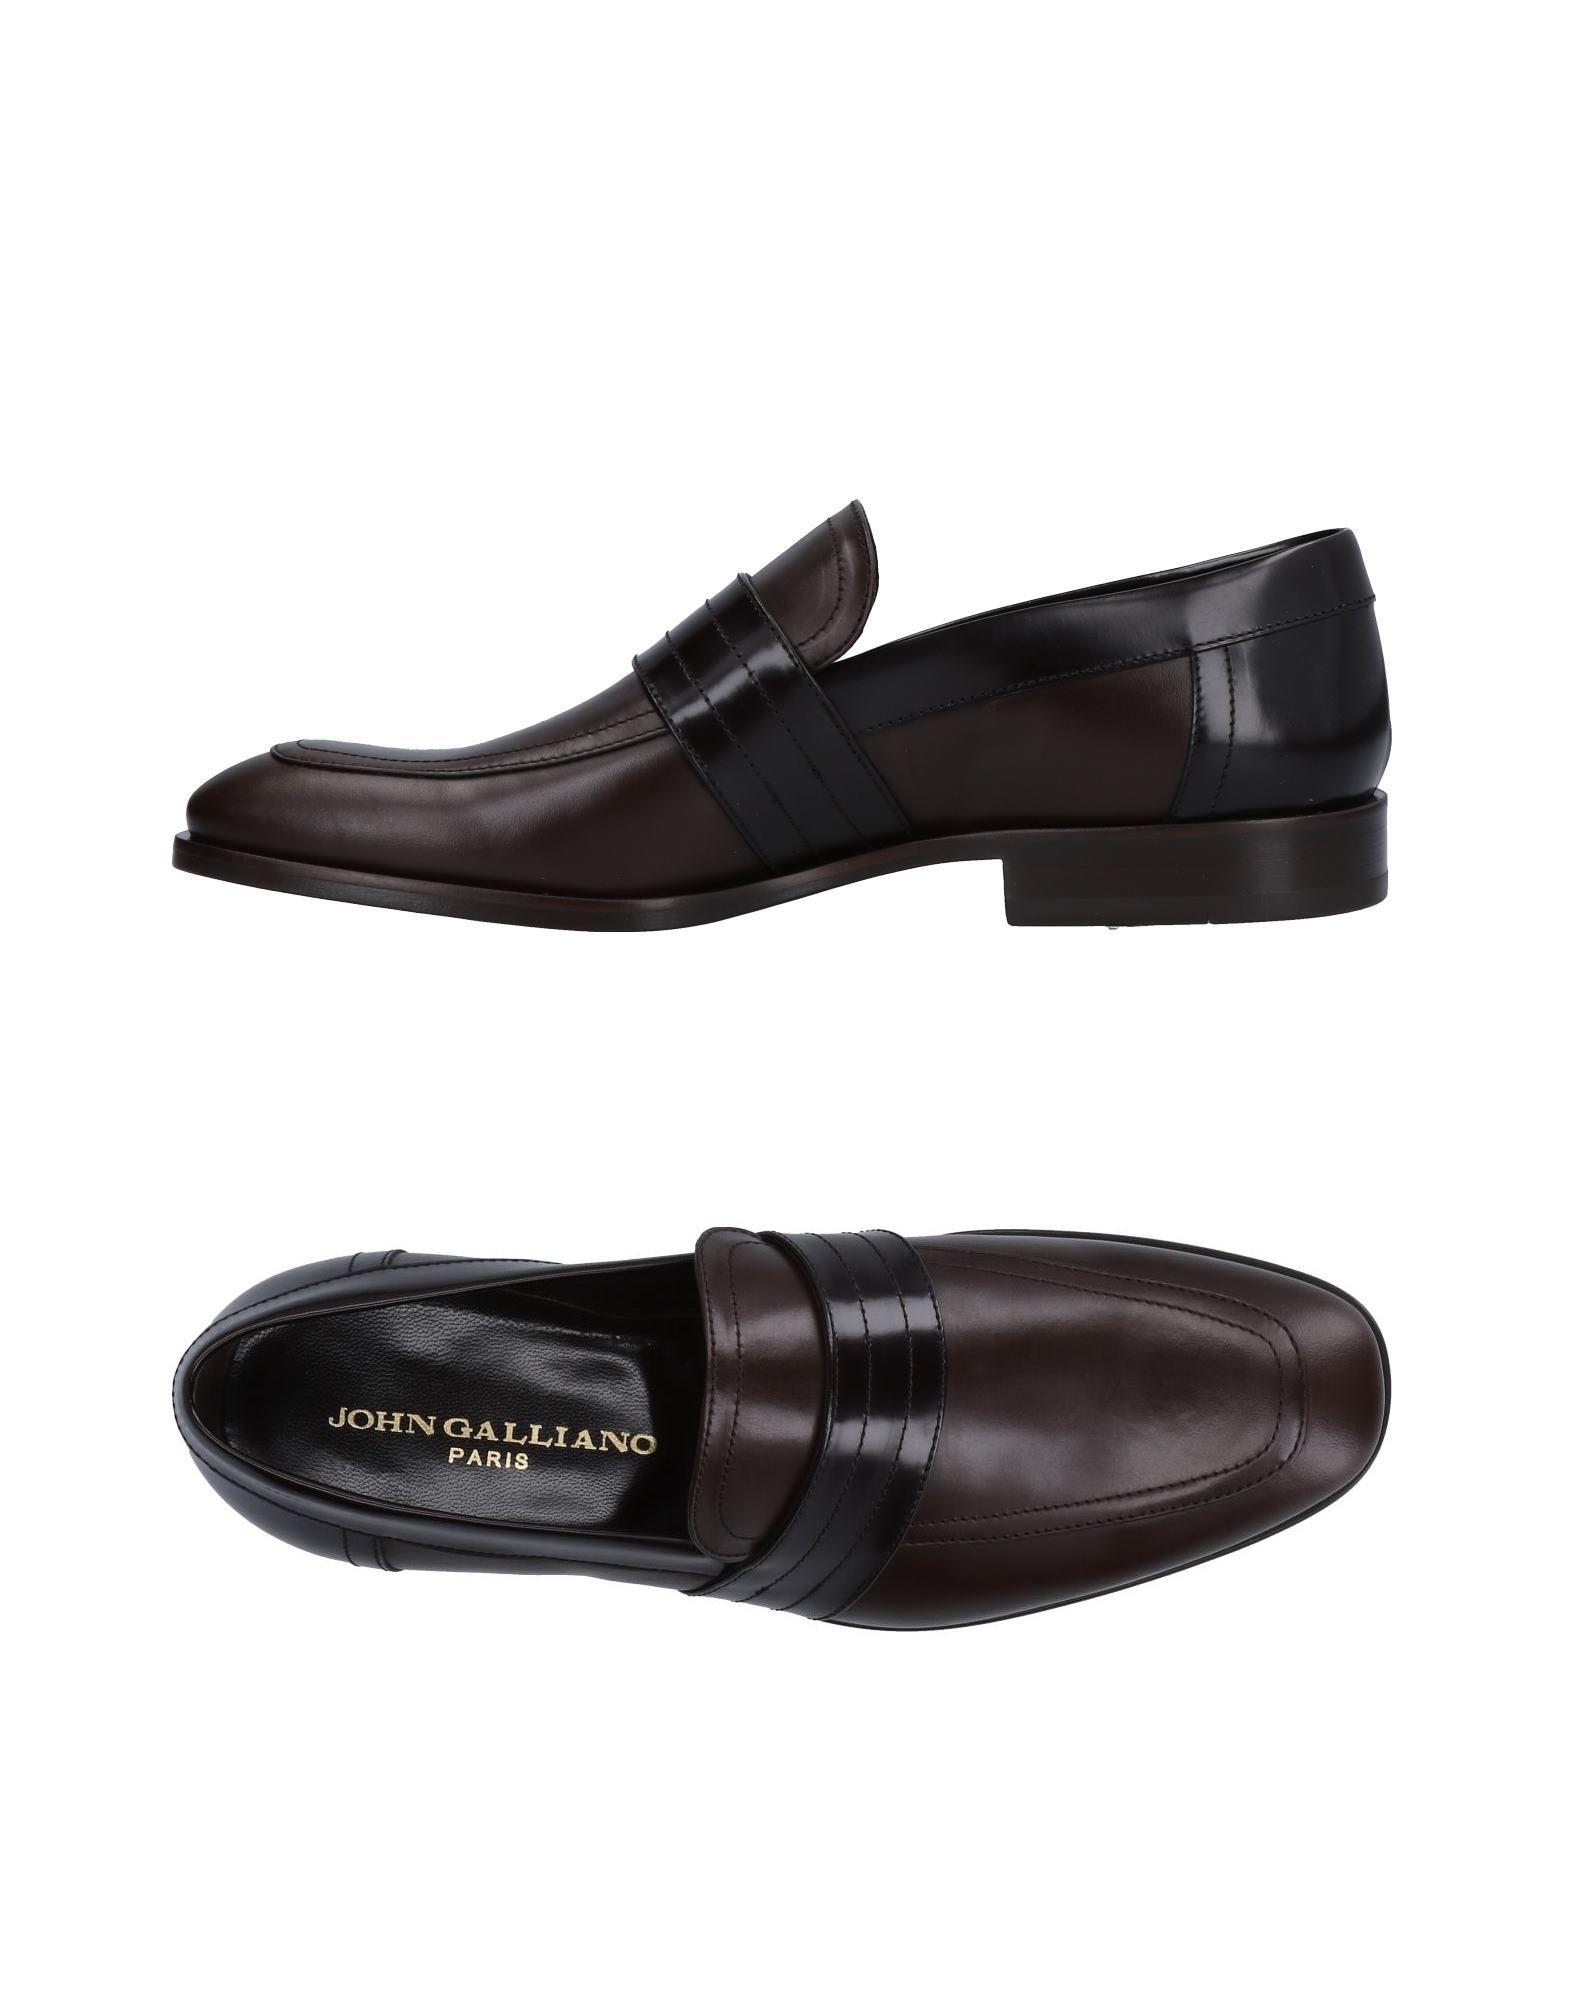 John Galliano Mokassins Herren  11516692EO Neue Schuhe Schuhe Schuhe b5e608